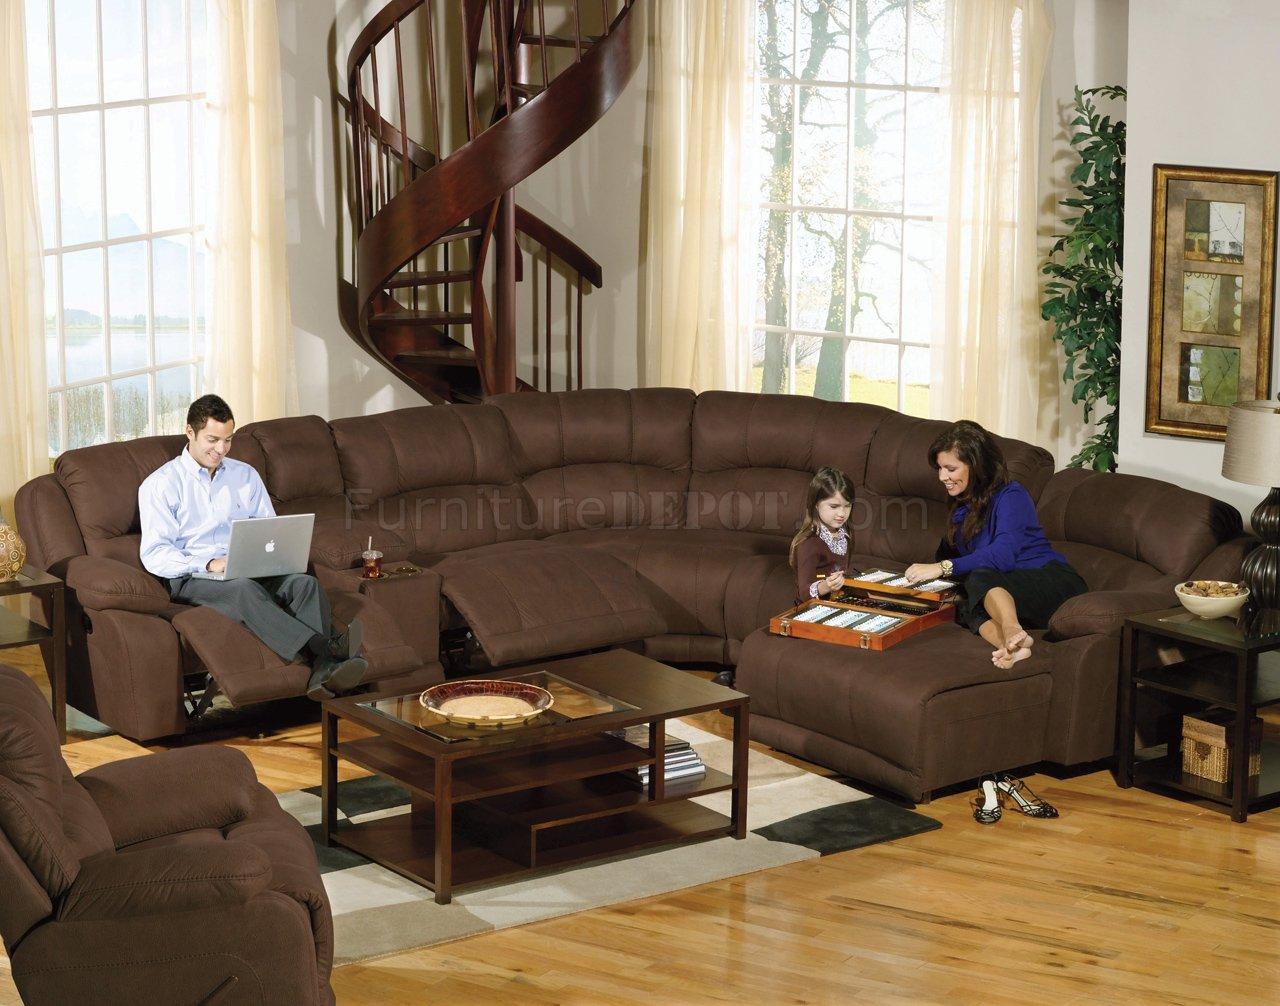 Espresso Fabric Compass Modular Sectional Sofa W Options